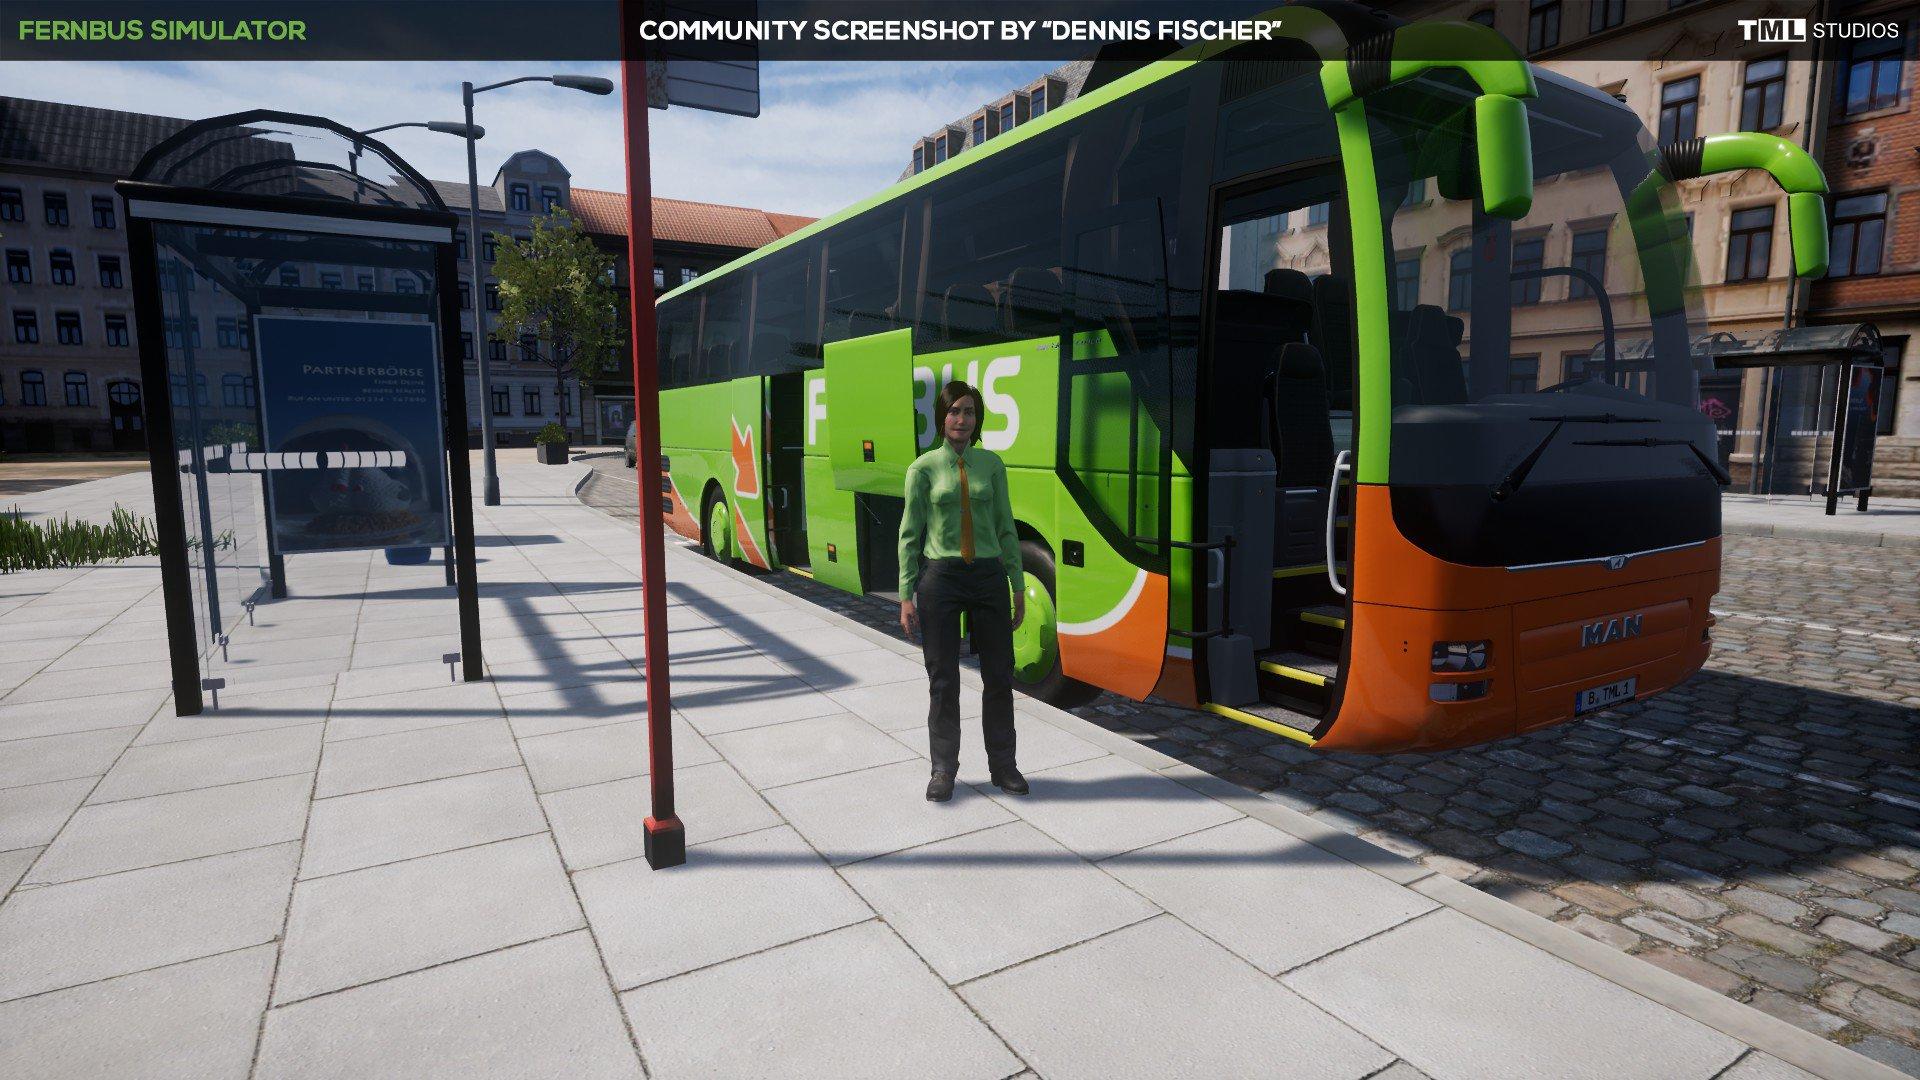 Fernbus Simulator 14